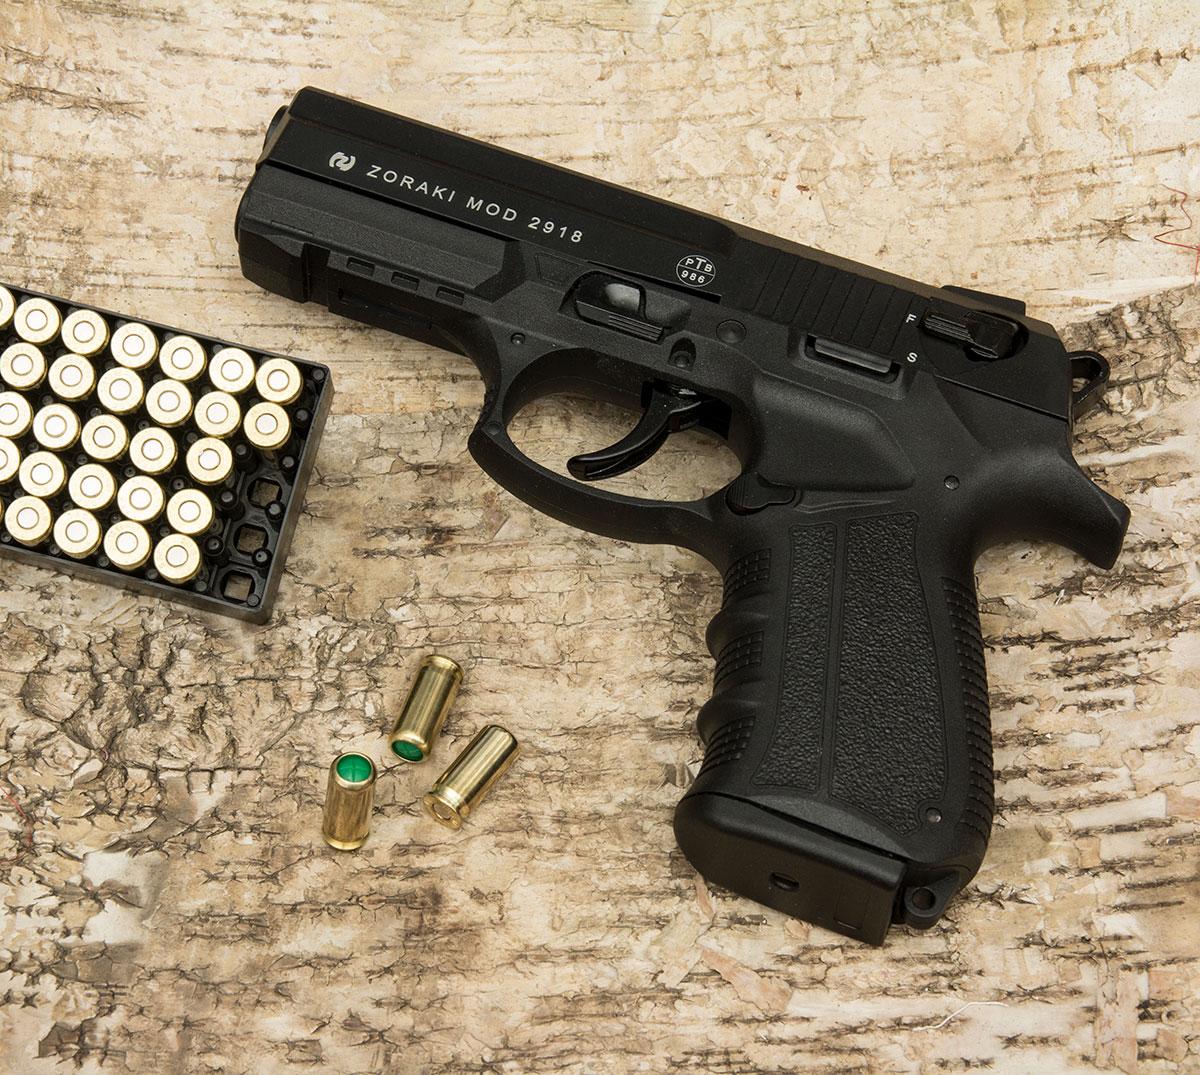 luftgewehr shop luftgewehre luftpistolen und co2 waffen kaufen zoraki 2918 schreckschuss und. Black Bedroom Furniture Sets. Home Design Ideas